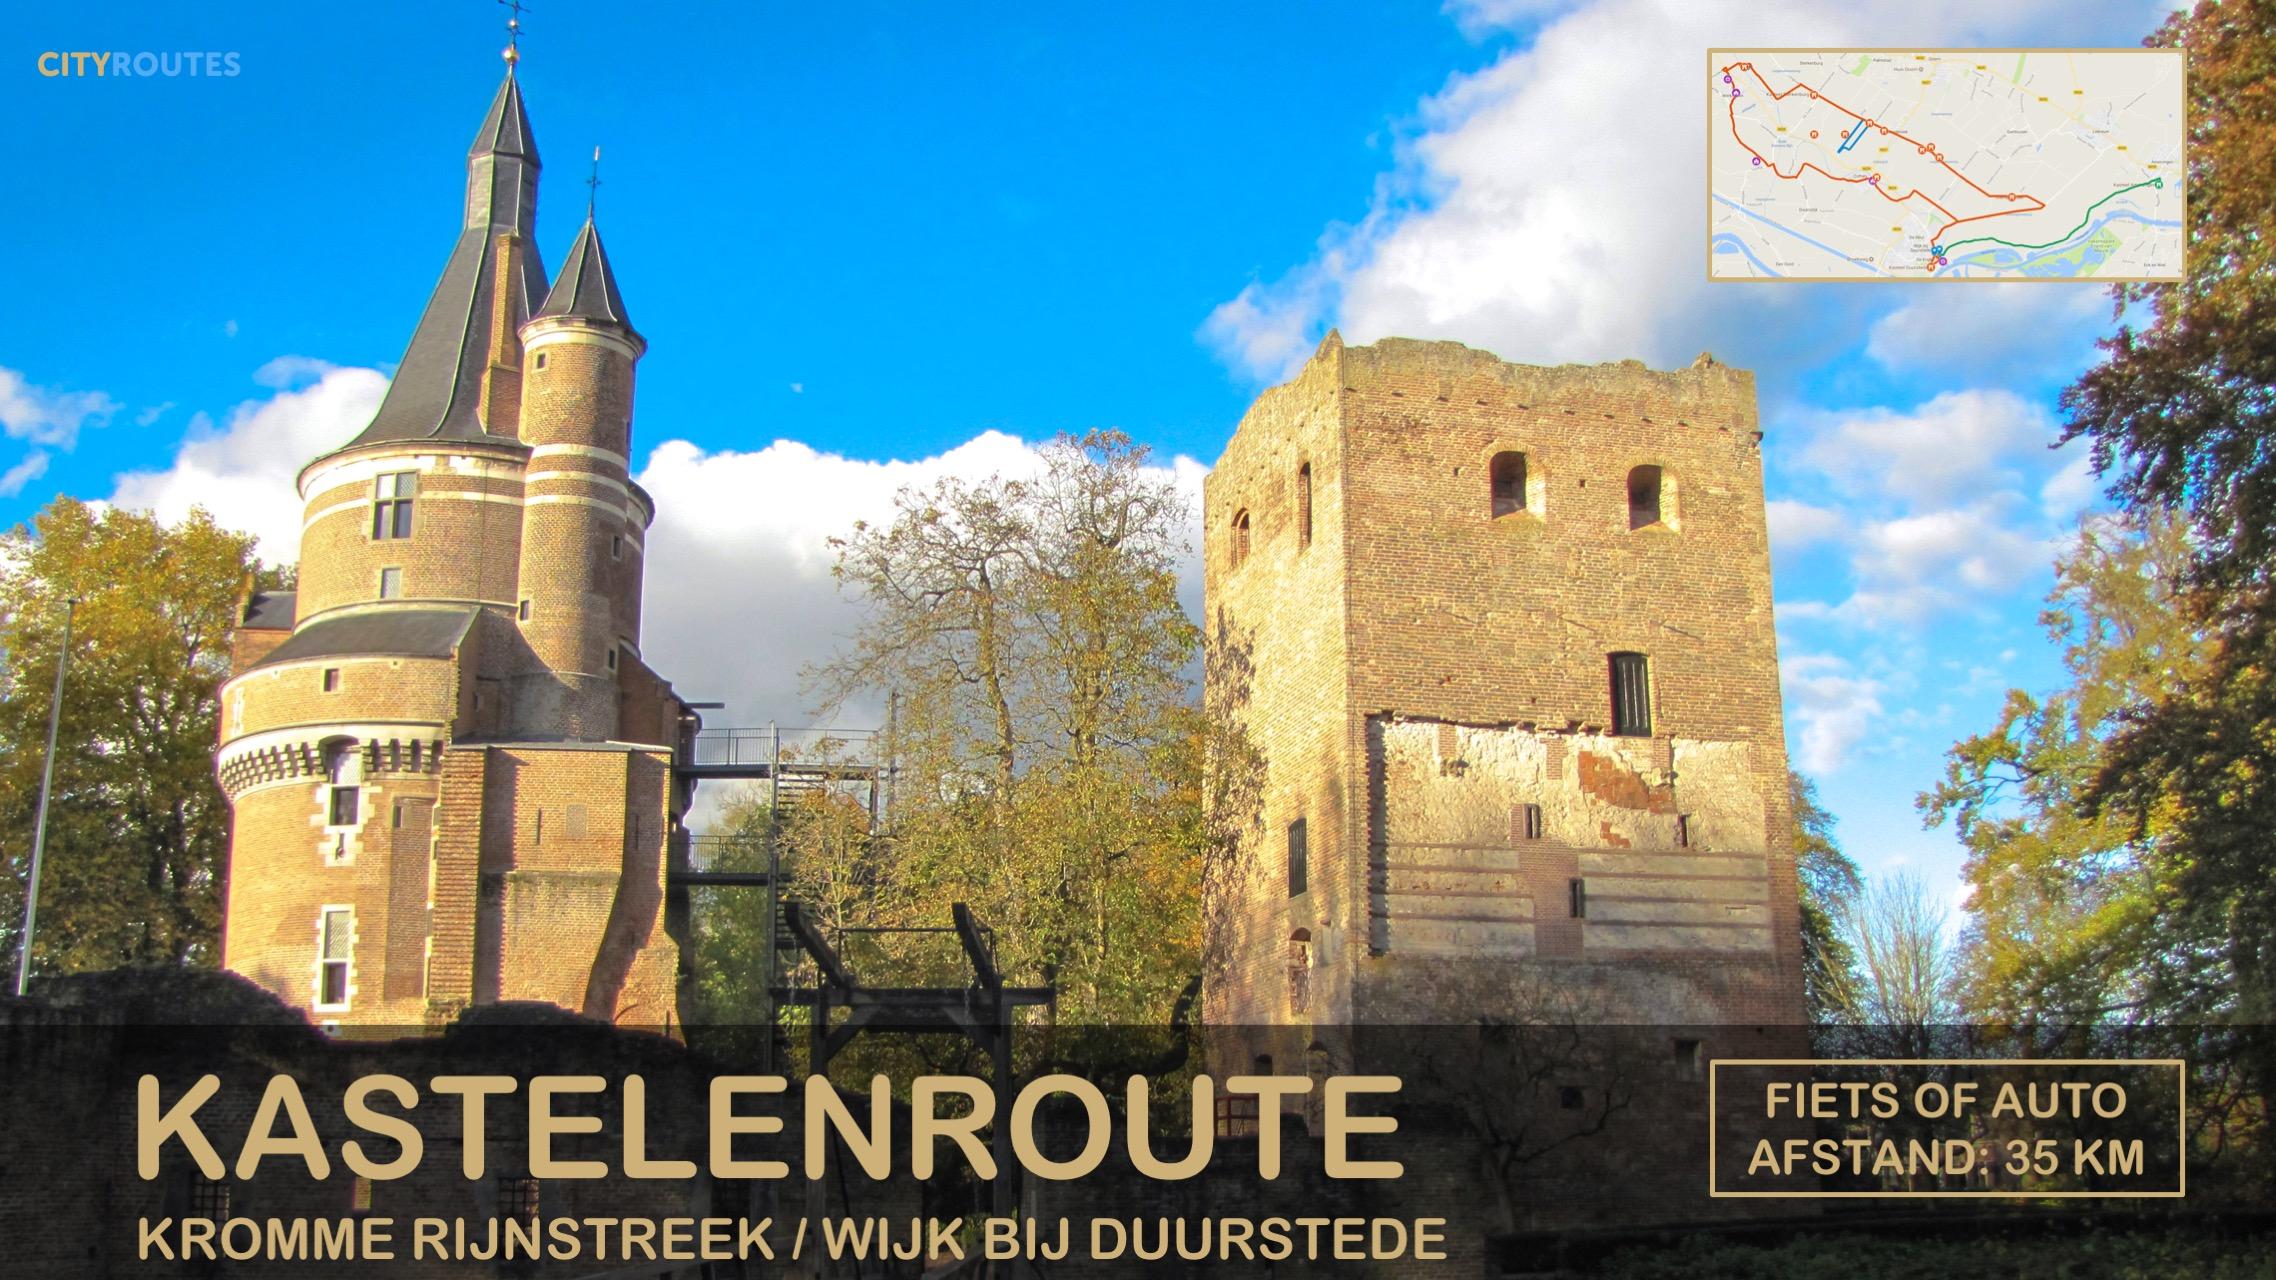 Gratis kastelenroute Kromme Rijnstreek Cityroutes